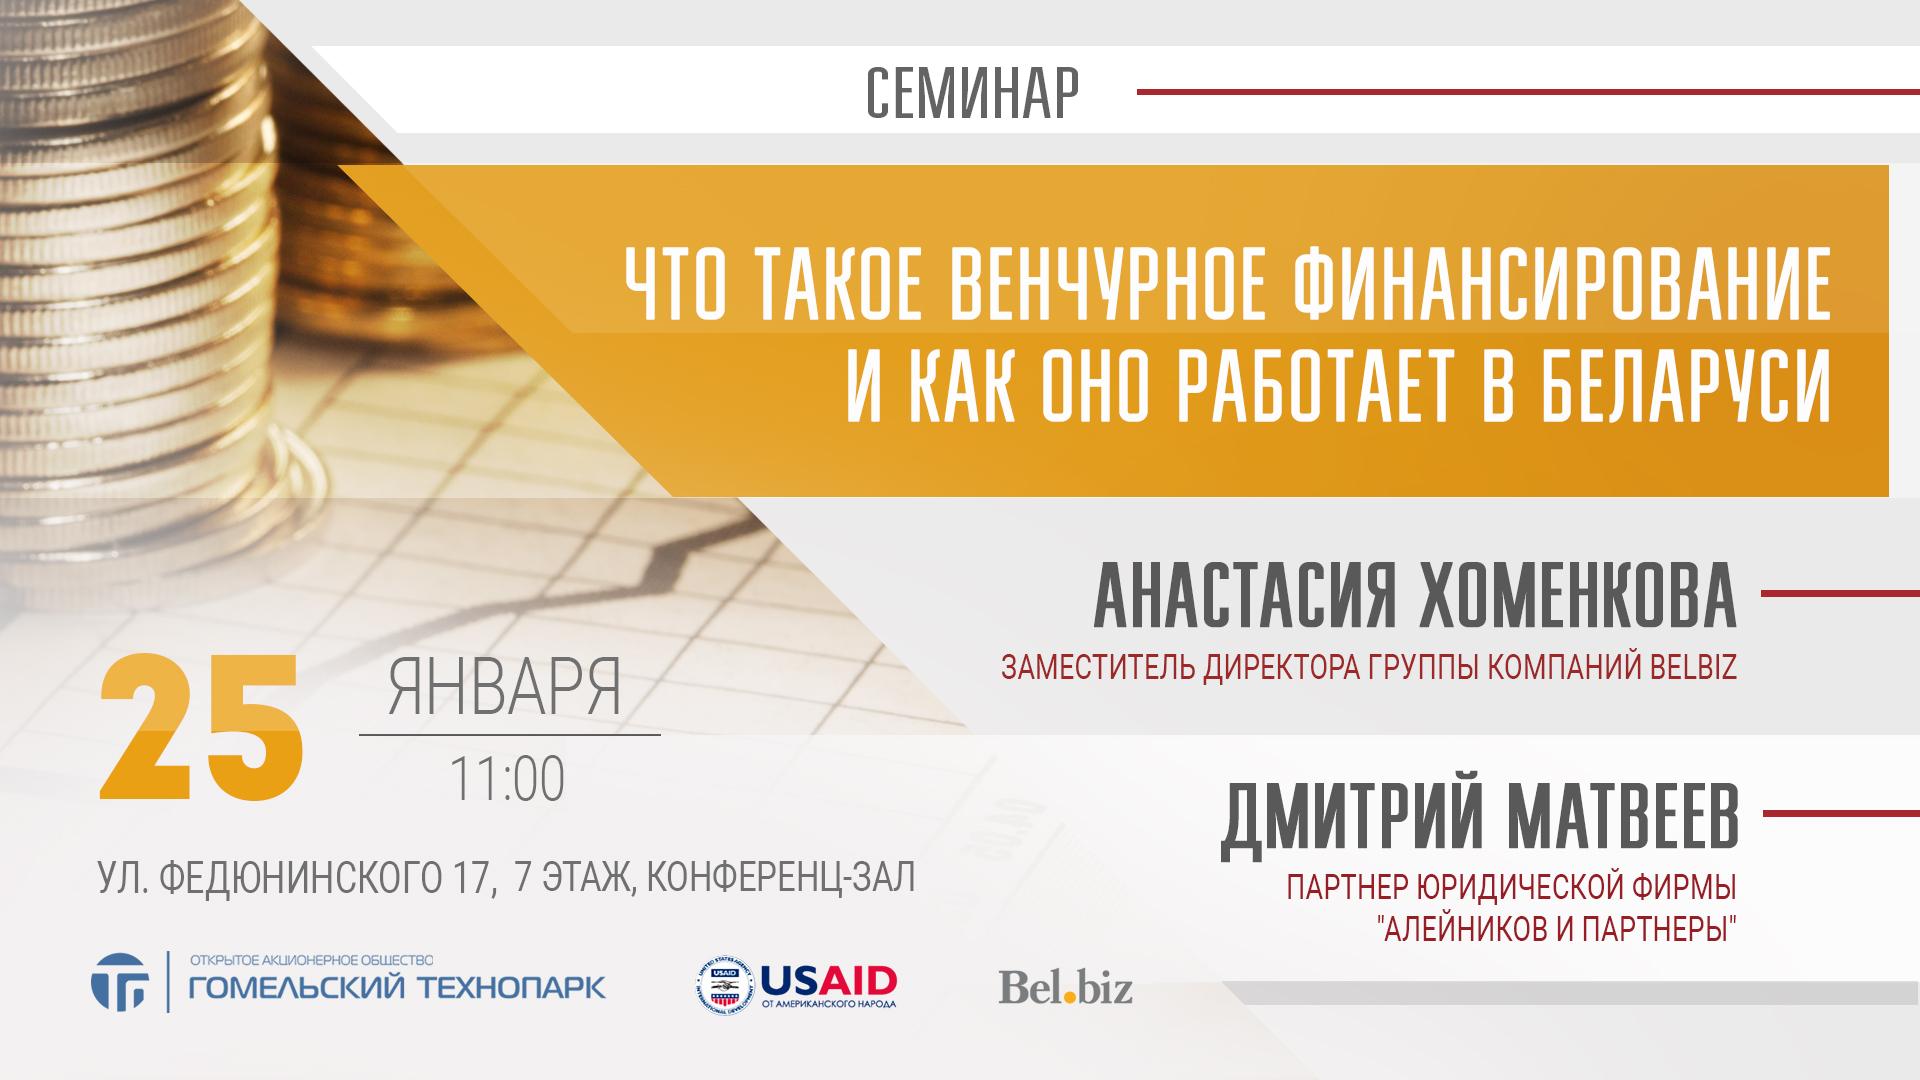 Что такое венчурное финансирование и как оно работает в Беларуси